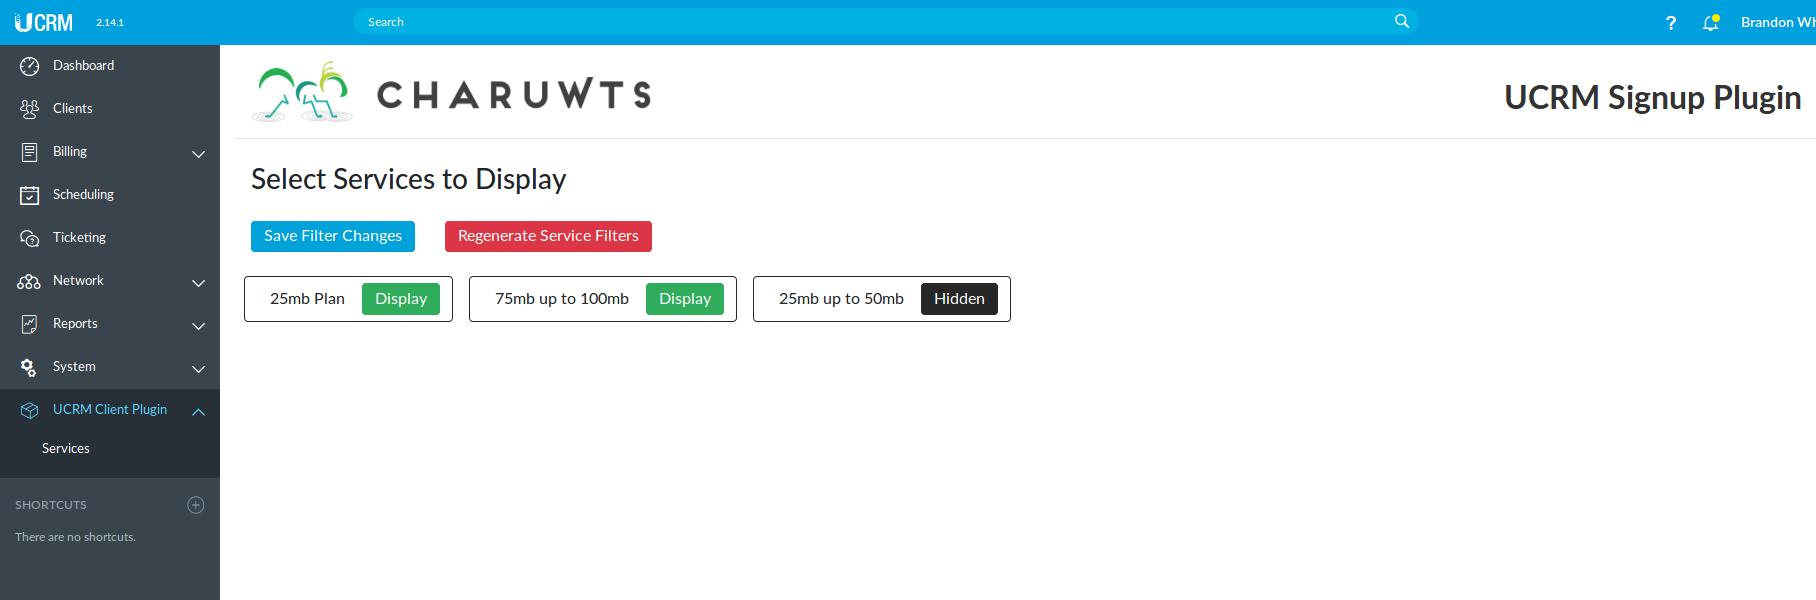 New main menu item by UCRM Plugin | Ubiquiti Community